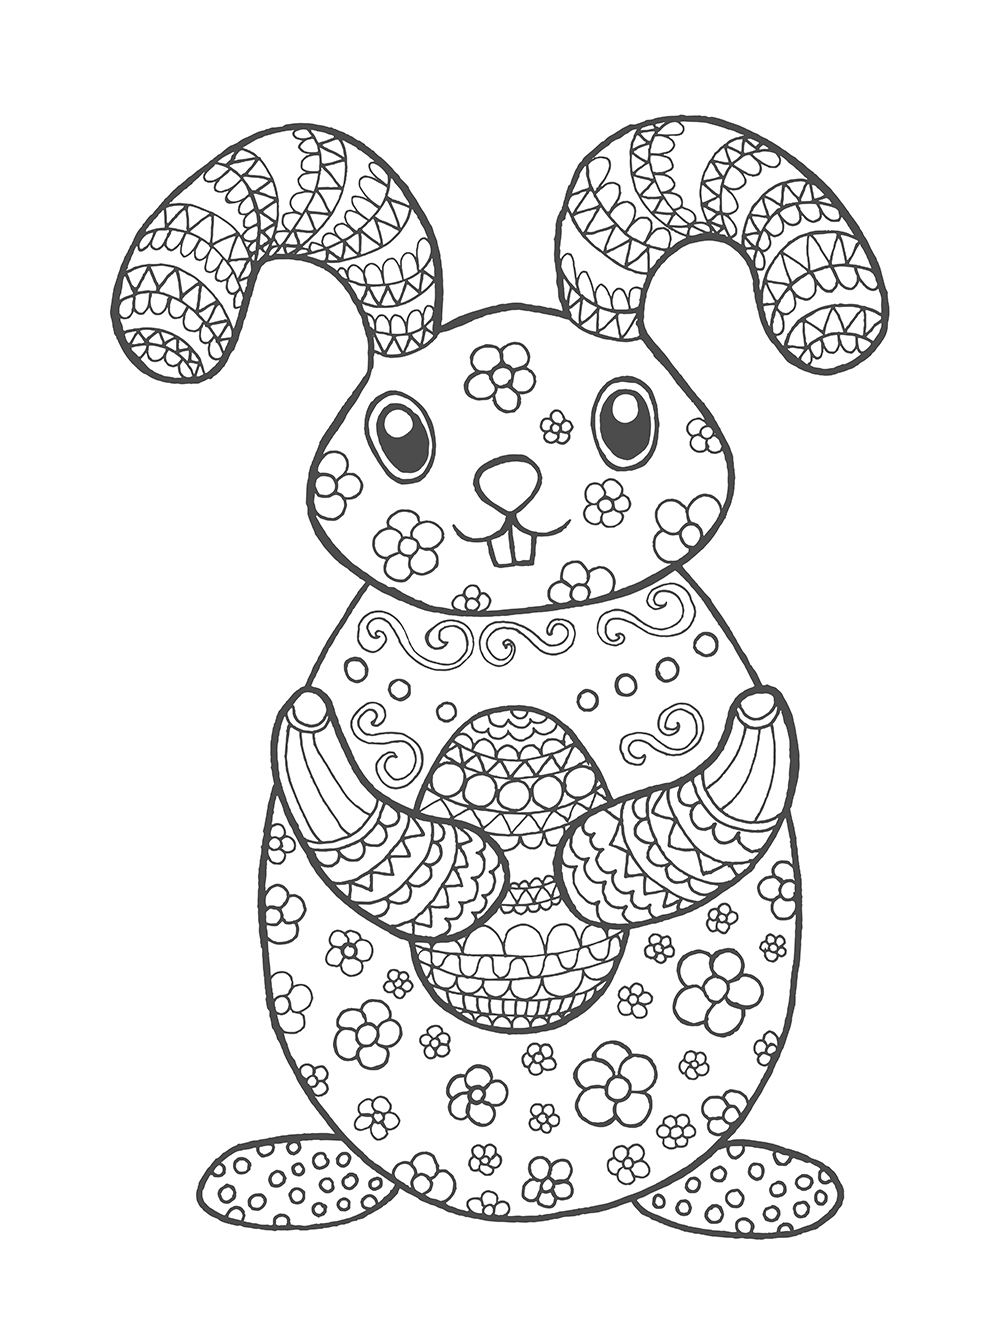 Kleurplaten Voor Pasen Met Gratis Printables Voor Jong Oud In 2021 Kleurplaten Voor Kinderen Gratis Printables Kleurplaten